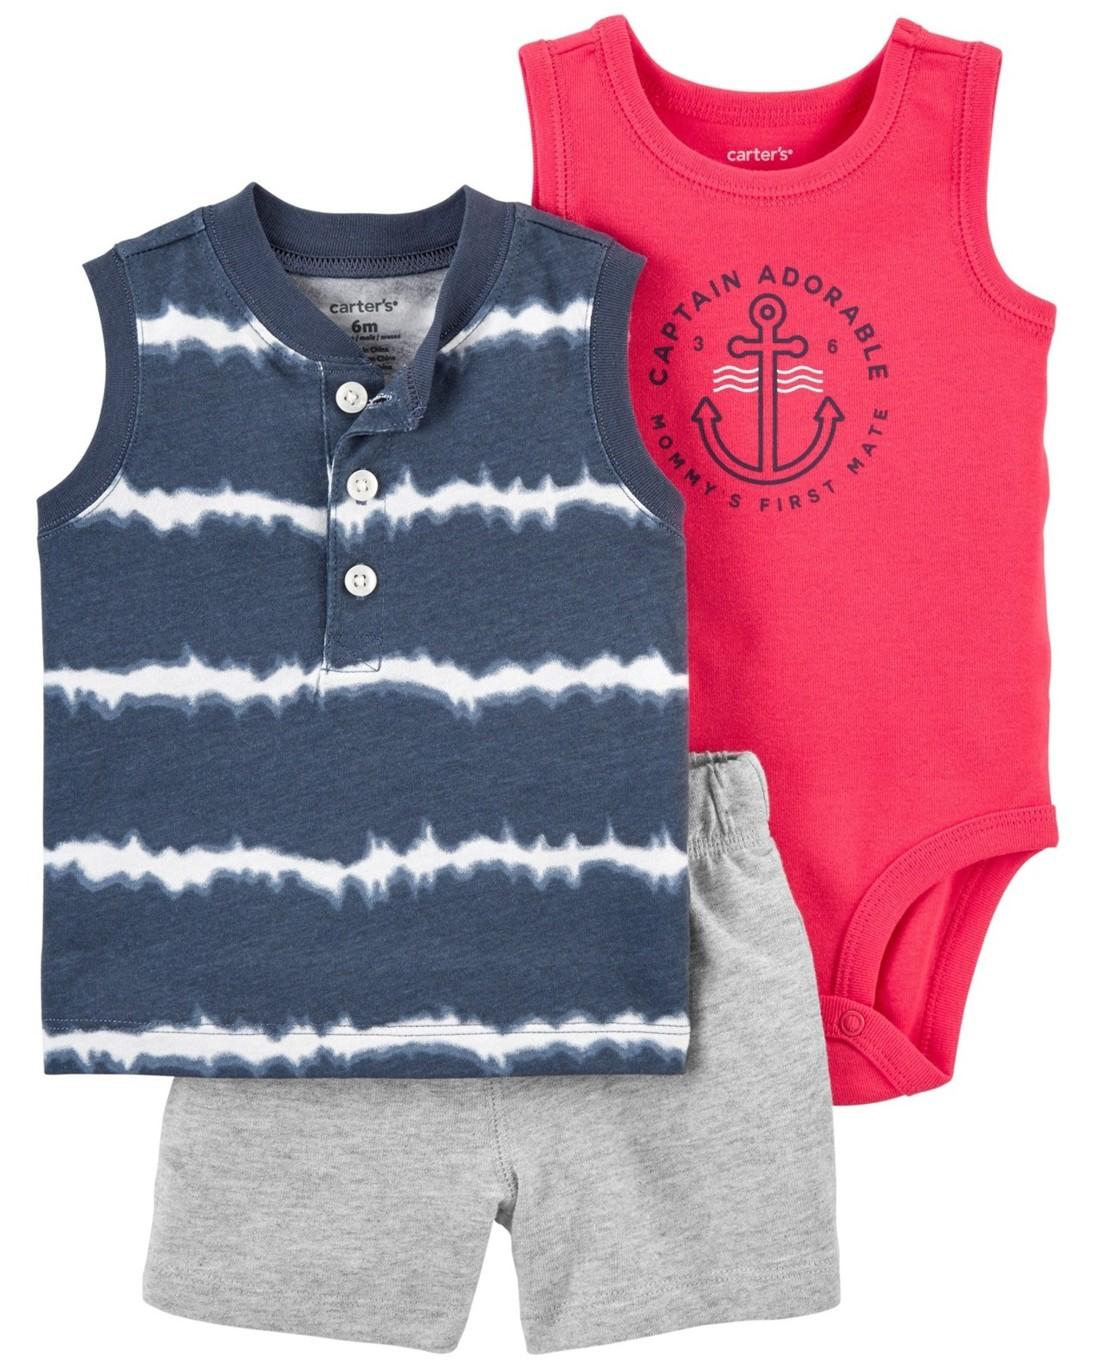 CARTER'S Set 3dielny body tielko, tričko bez rukávov, nohavice kr. Blue Tie chlapec 6 m, veľ. 68